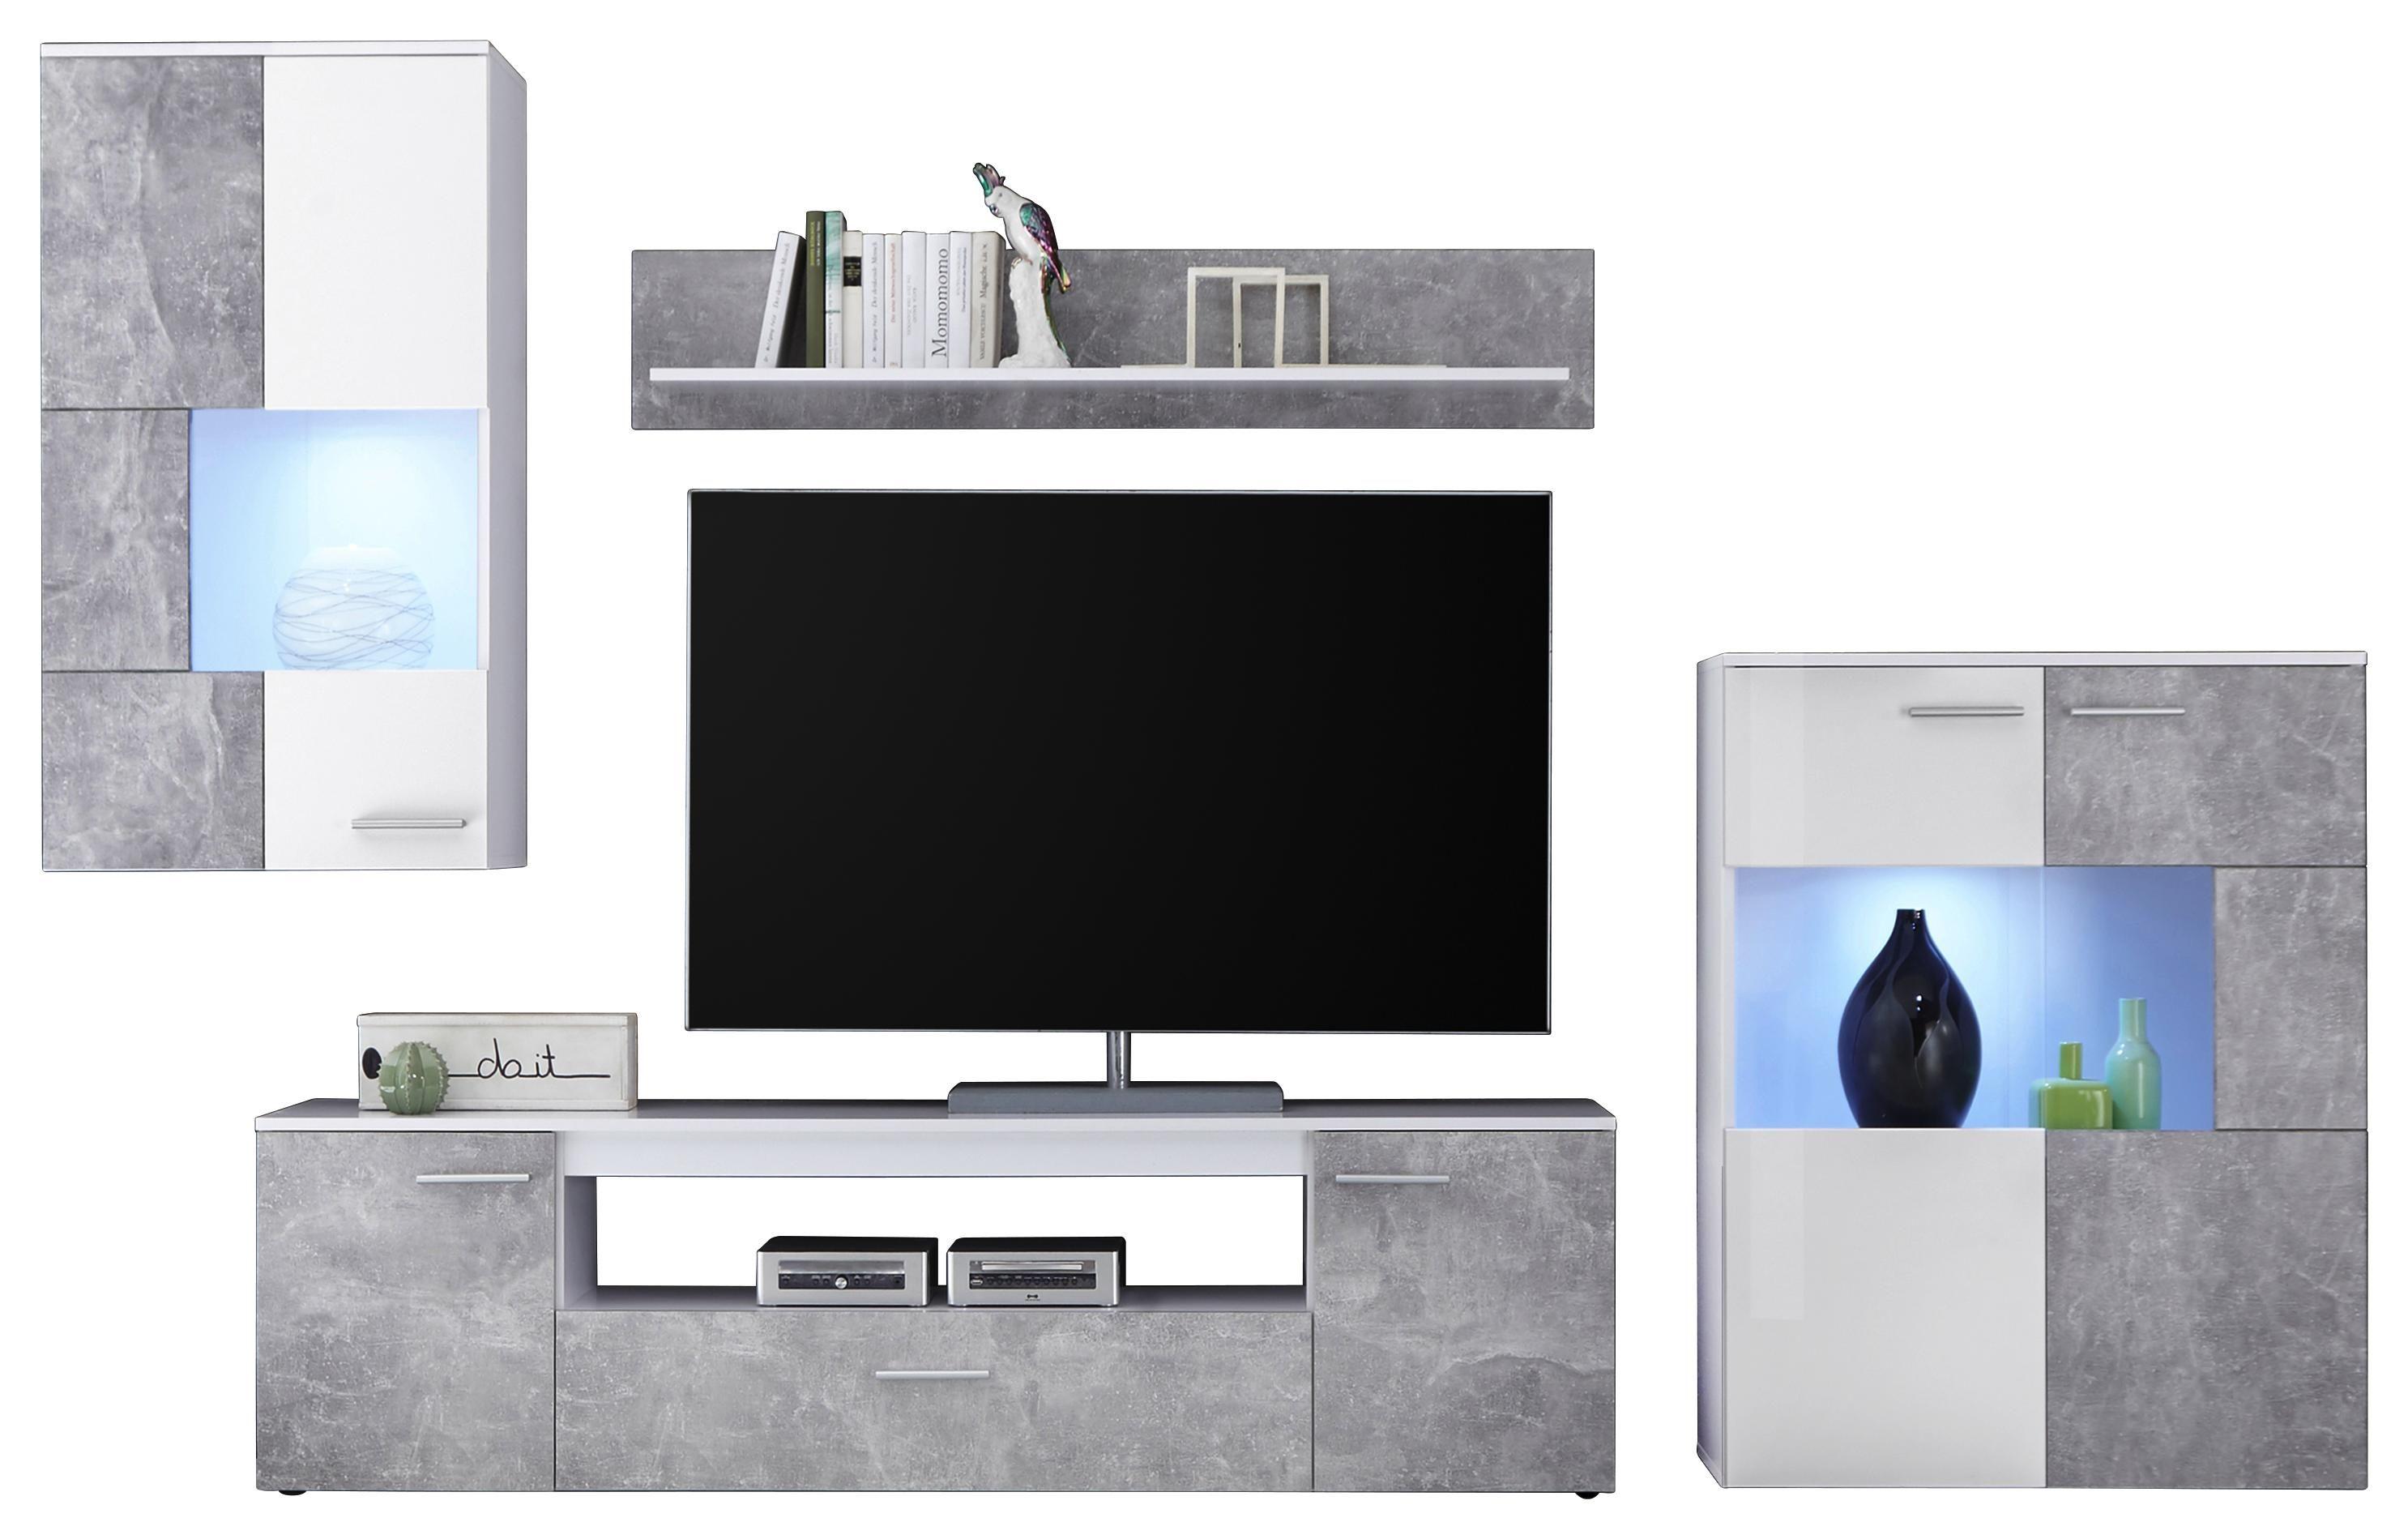 Obývací Stěna Vulcan - bílá/šedá, Moderní, kompozitní dřevo (265-295 194 40cm)